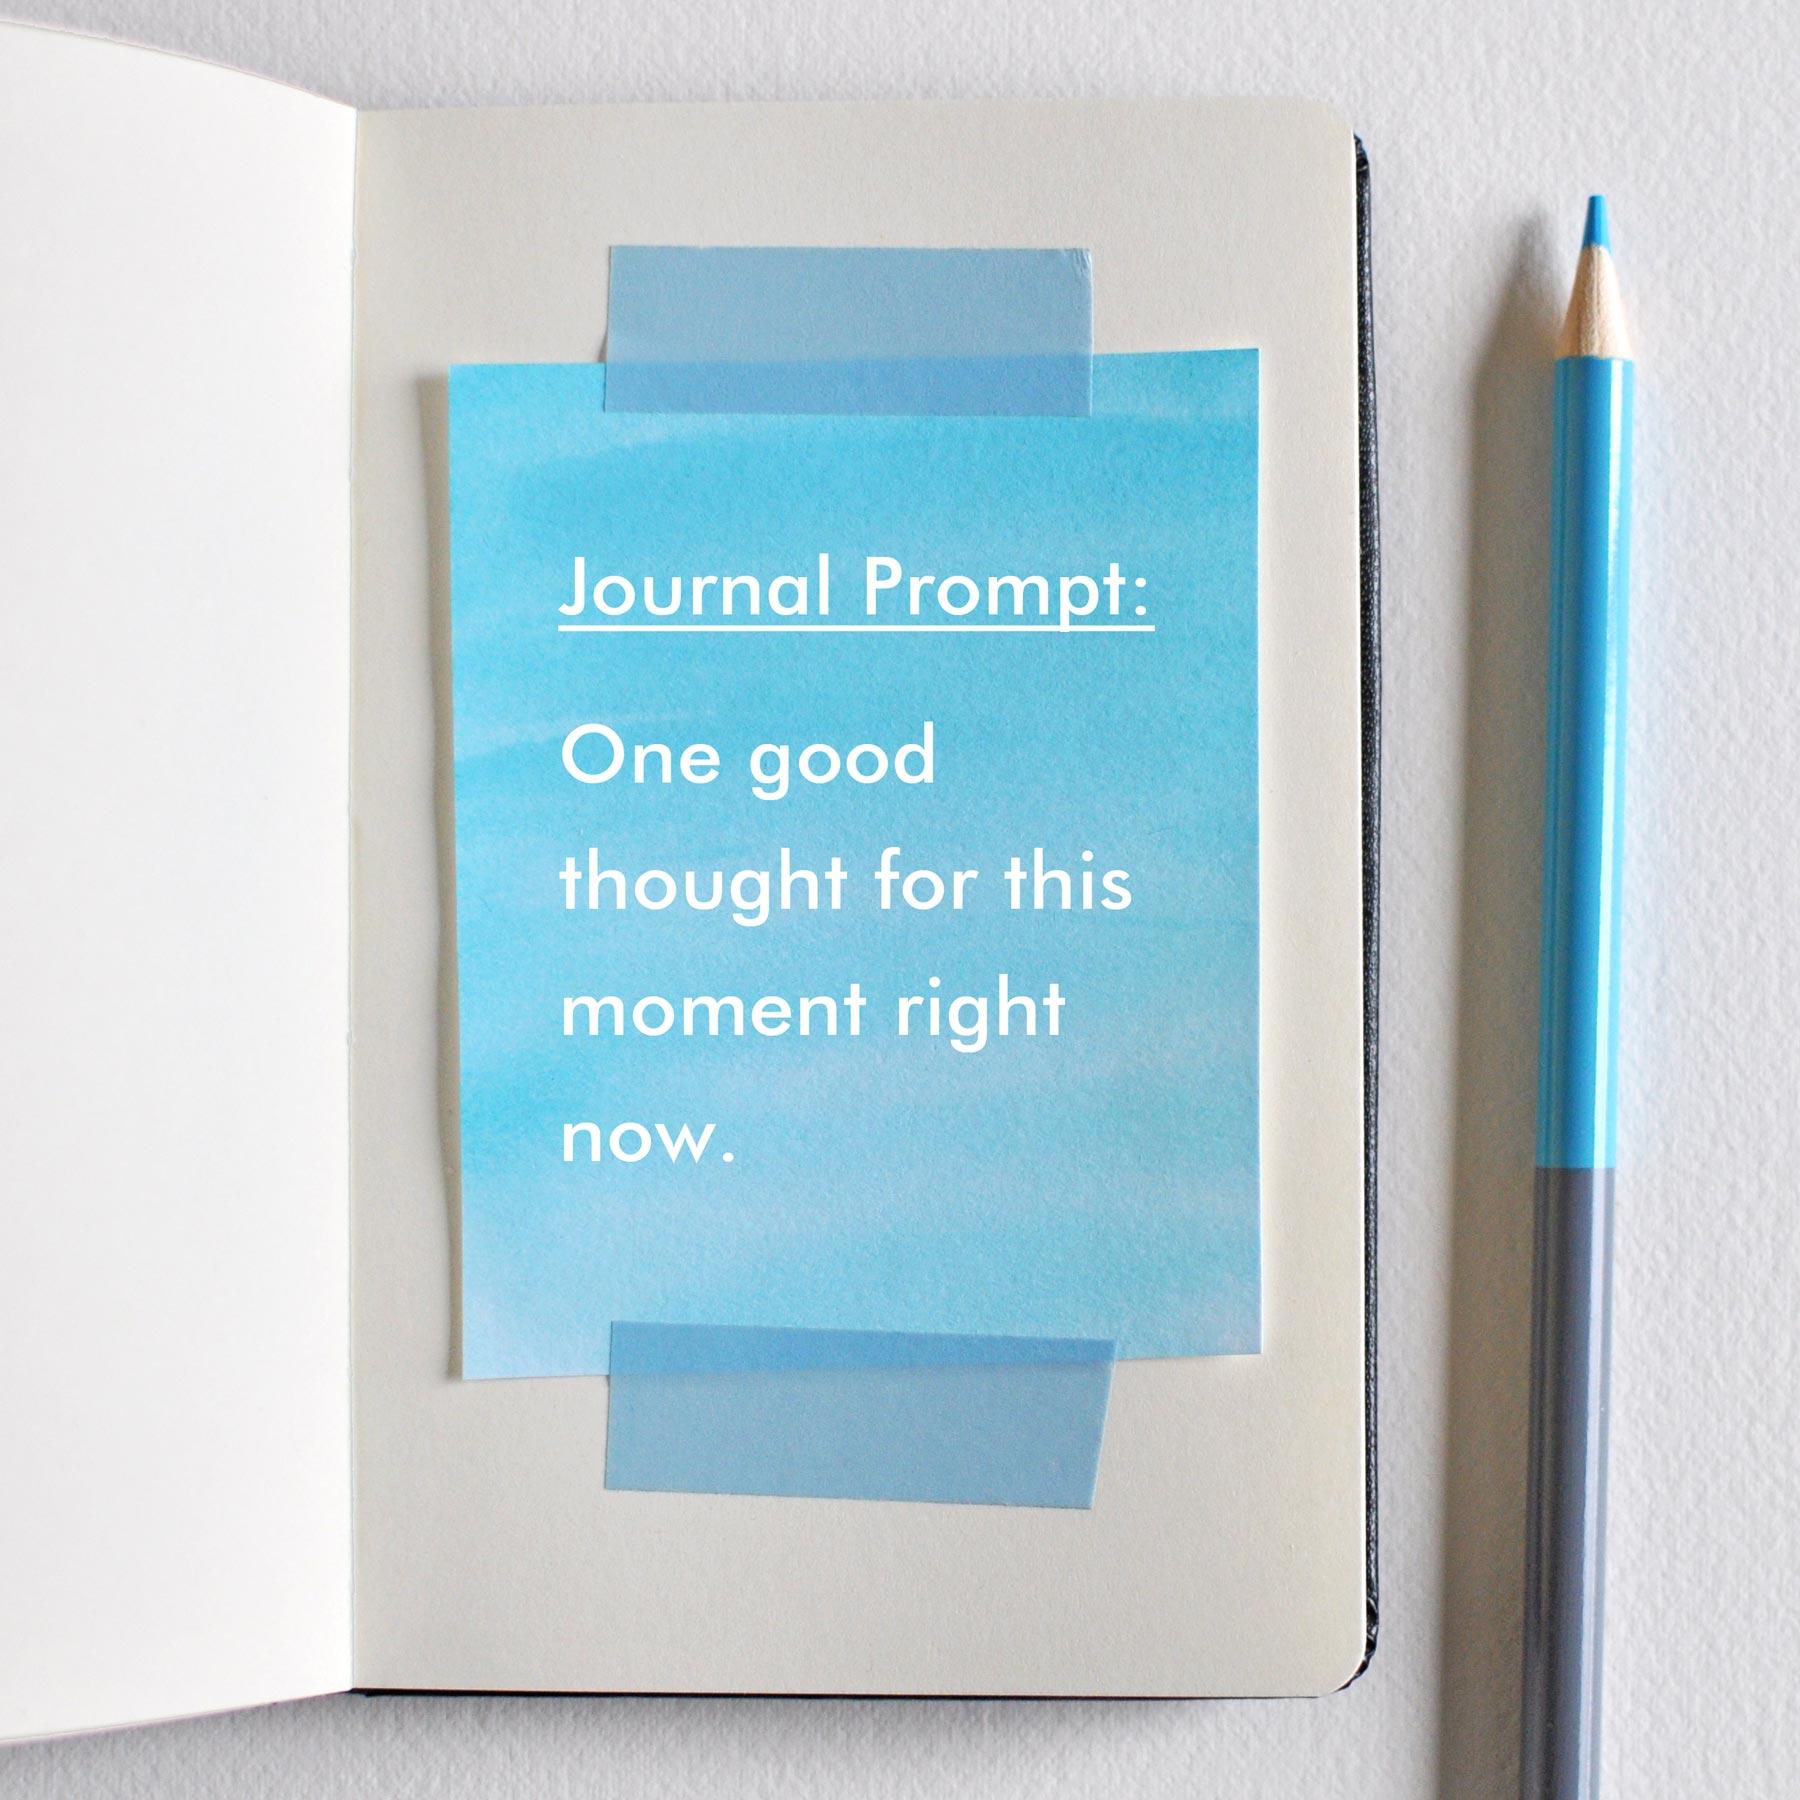 15-03-2018---Journal-prompt-by-Christie-Zimmer.jpg